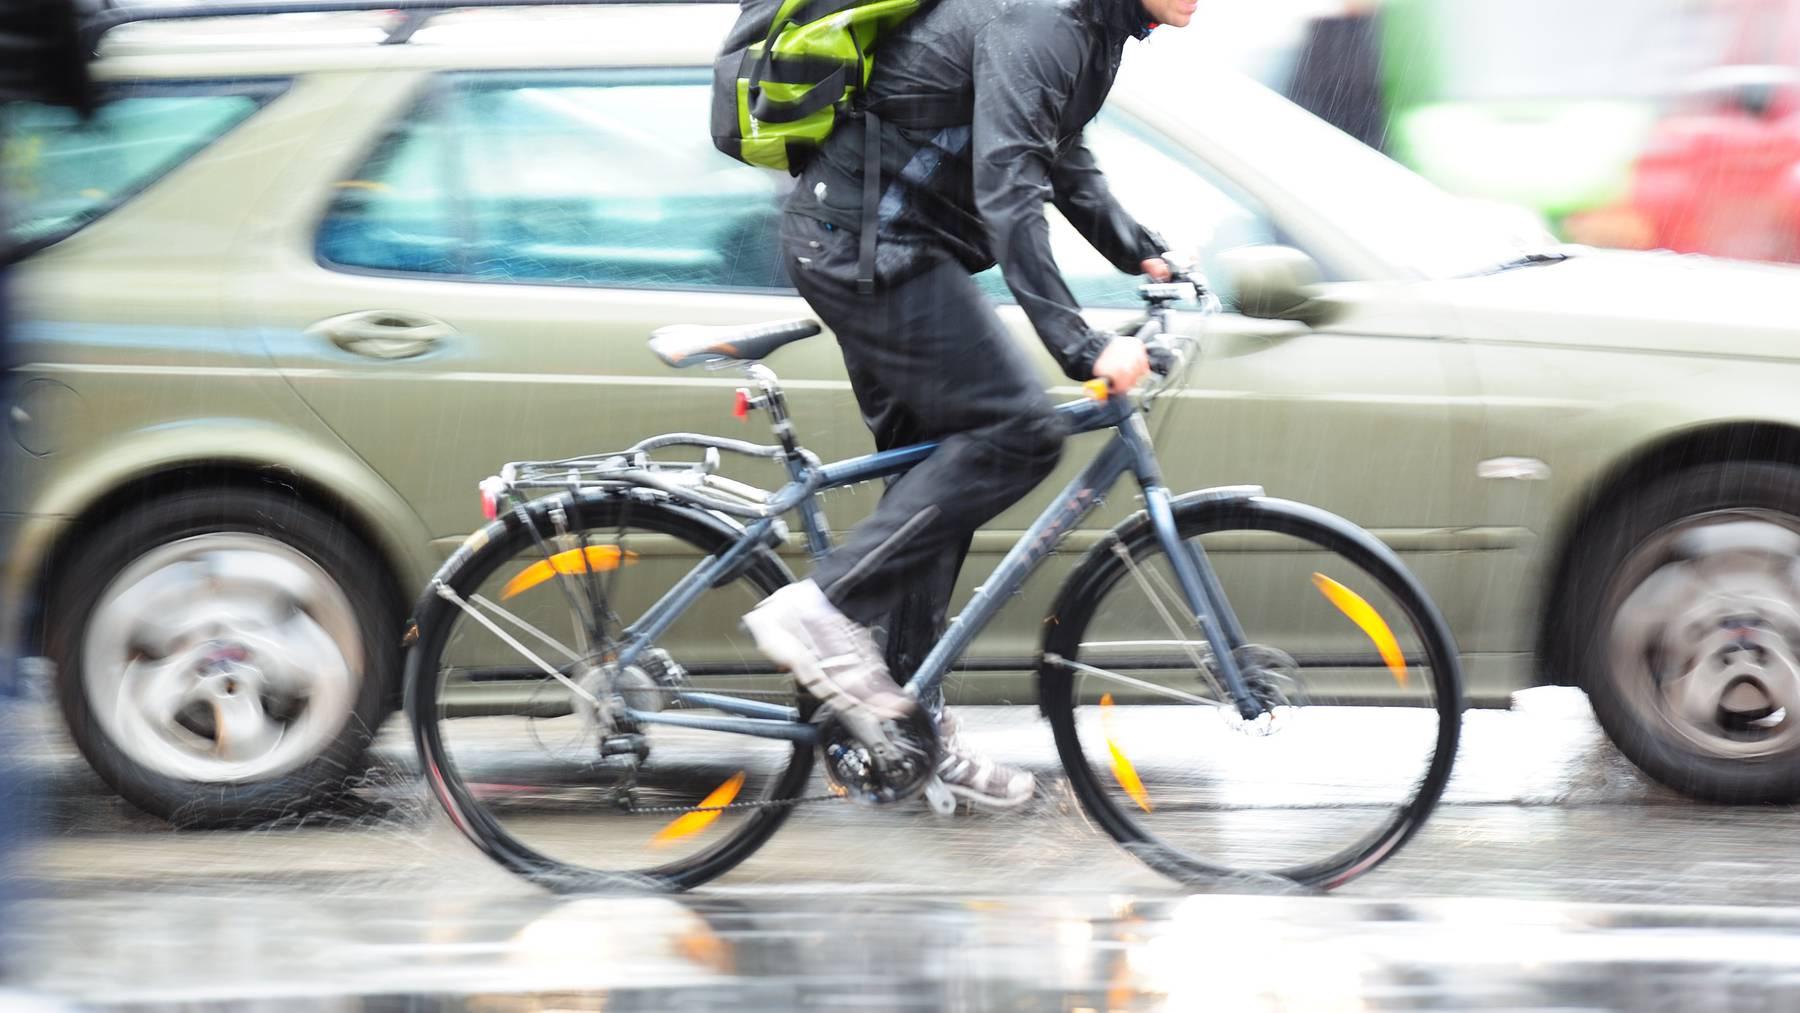 Velofahrer leben bei zu geringen Überholabständen gefährlich, findet Pro Velo Thurgau. (Symbolbild)